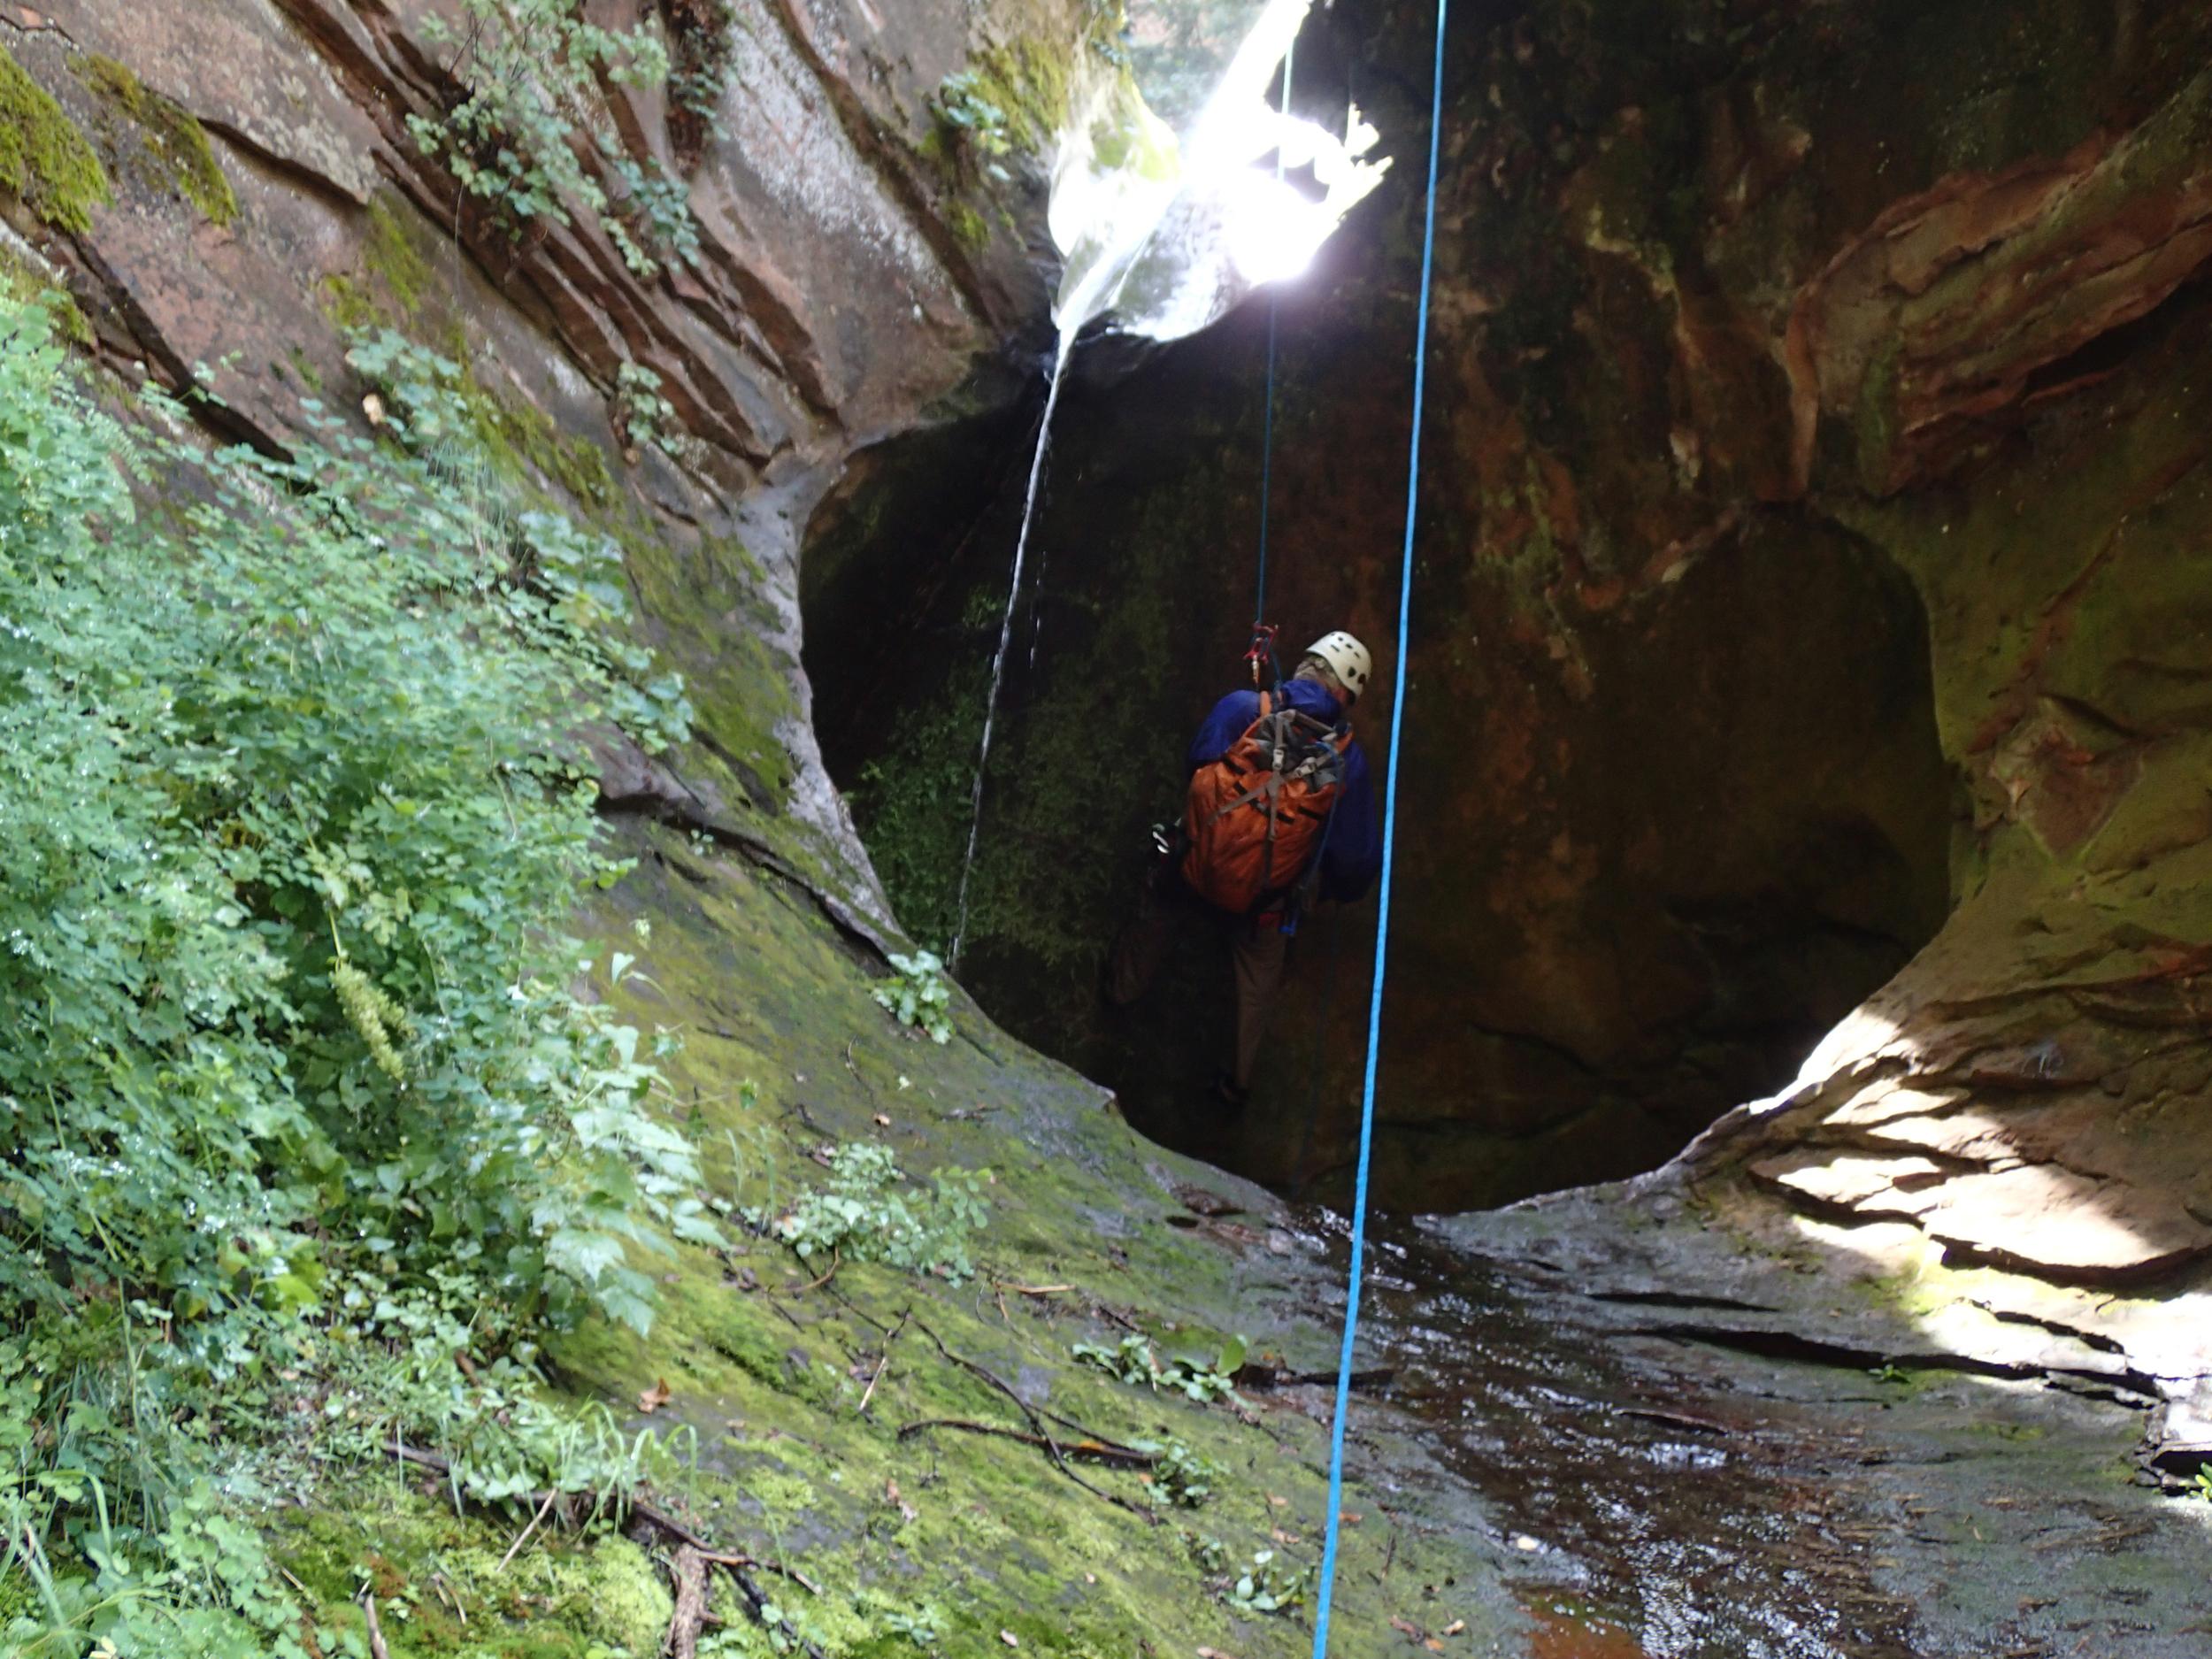 Insomnia Canyon - Canyoneering, AZ